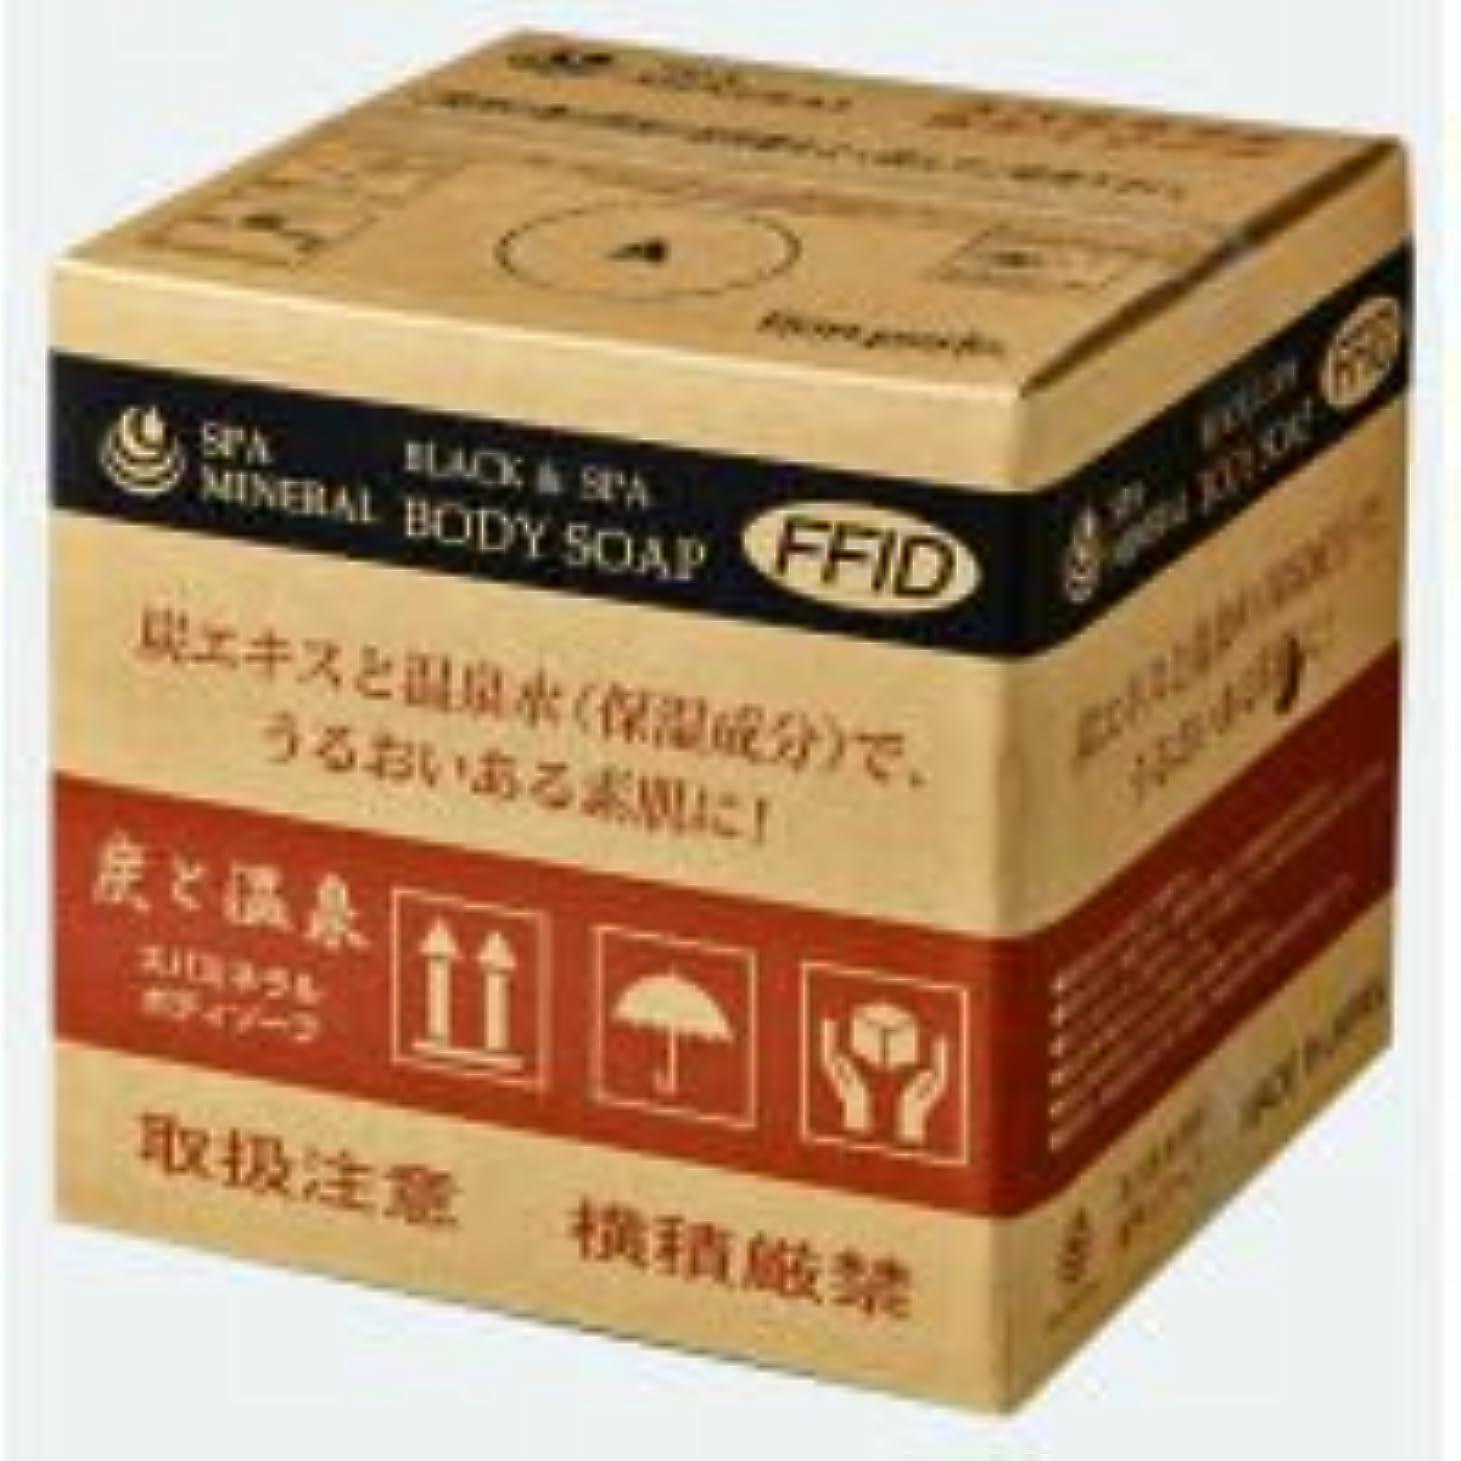 虐殺温度チャームスパミネラル 炭ボディソープ 20kg 詰替用